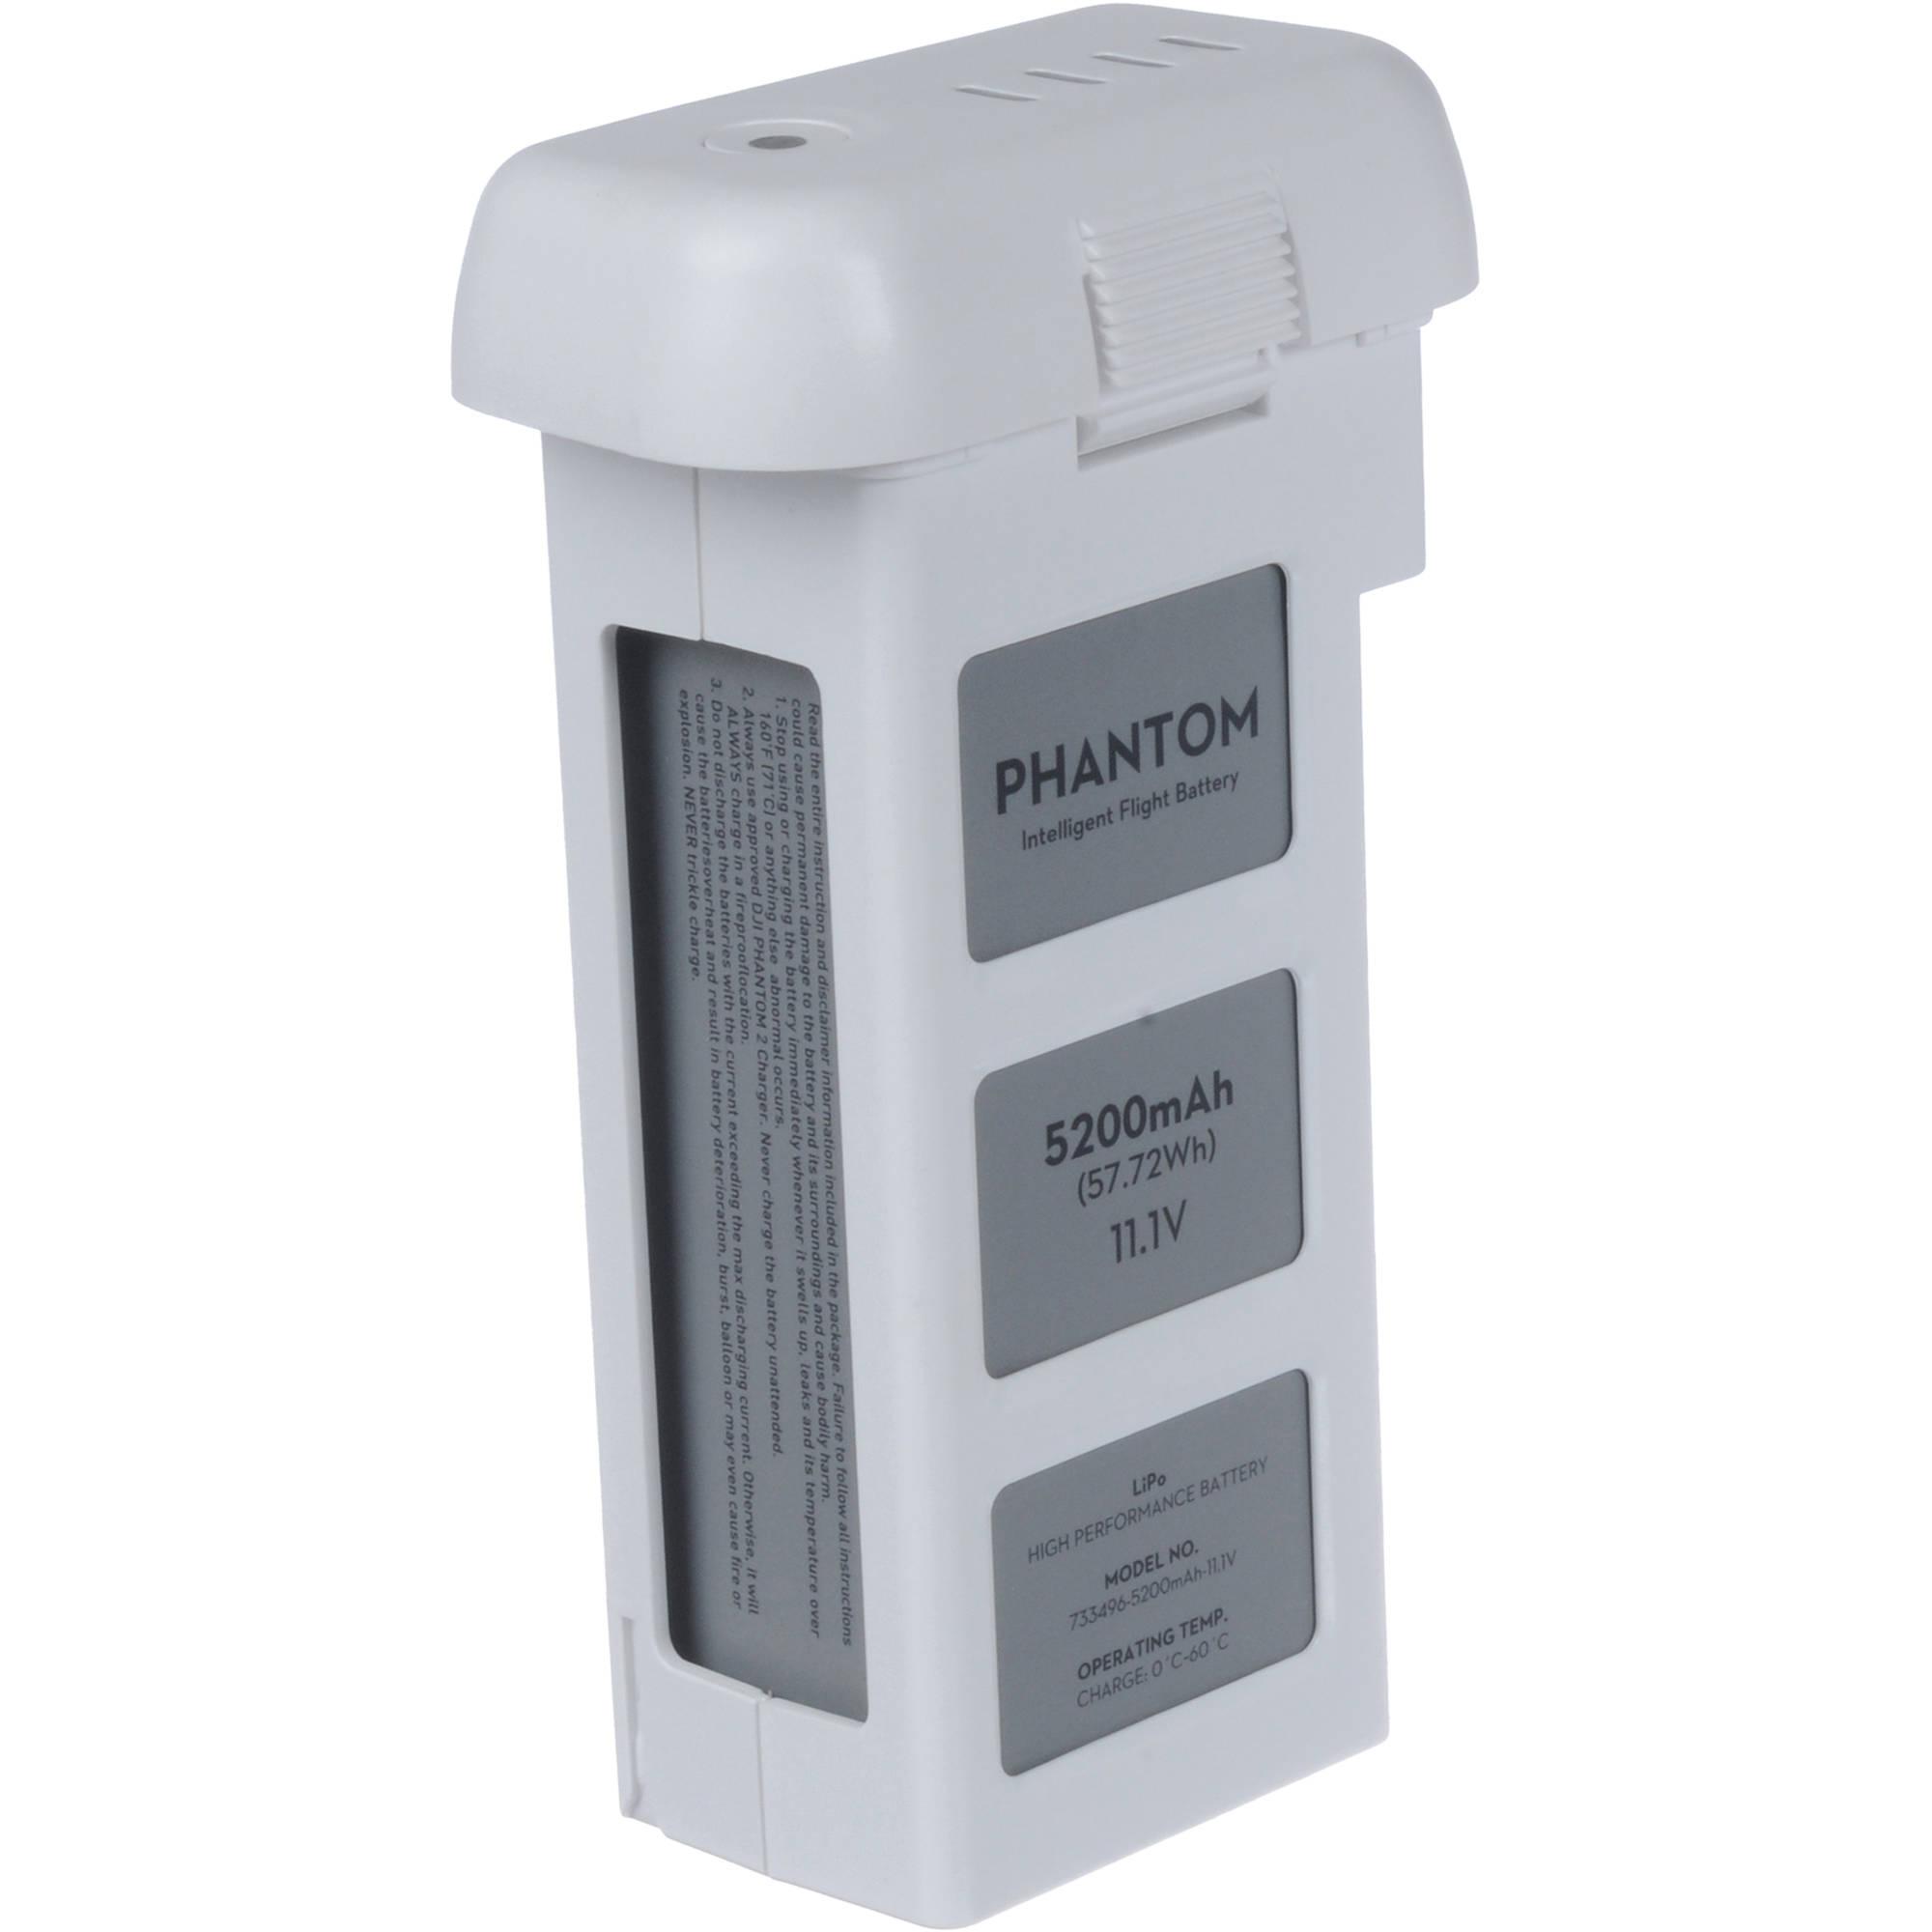 Used phantom 2 battery 1600mah